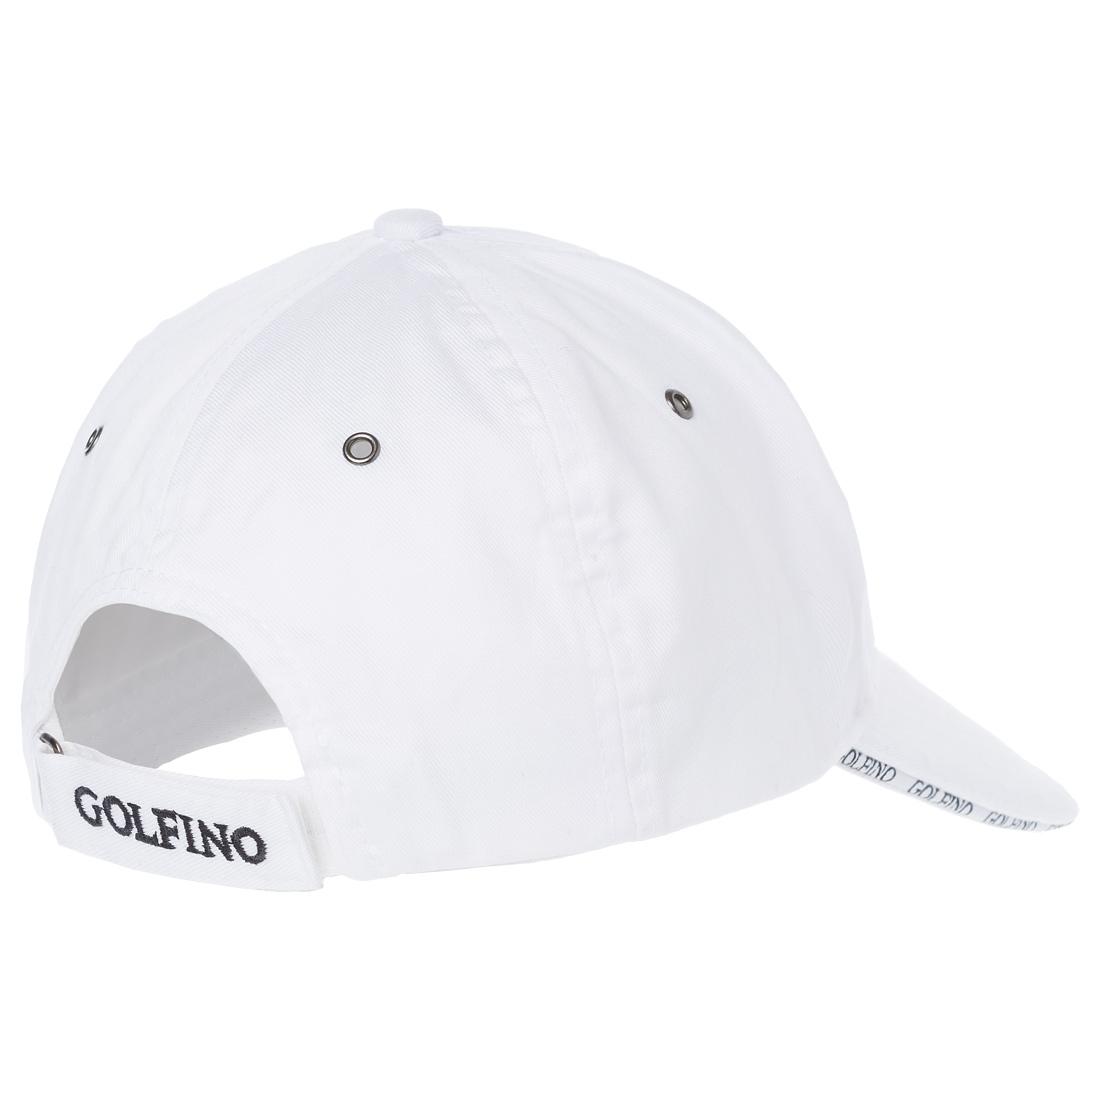 Herren Golfcap aus Baumwolle als verstellbares Onesize Modell